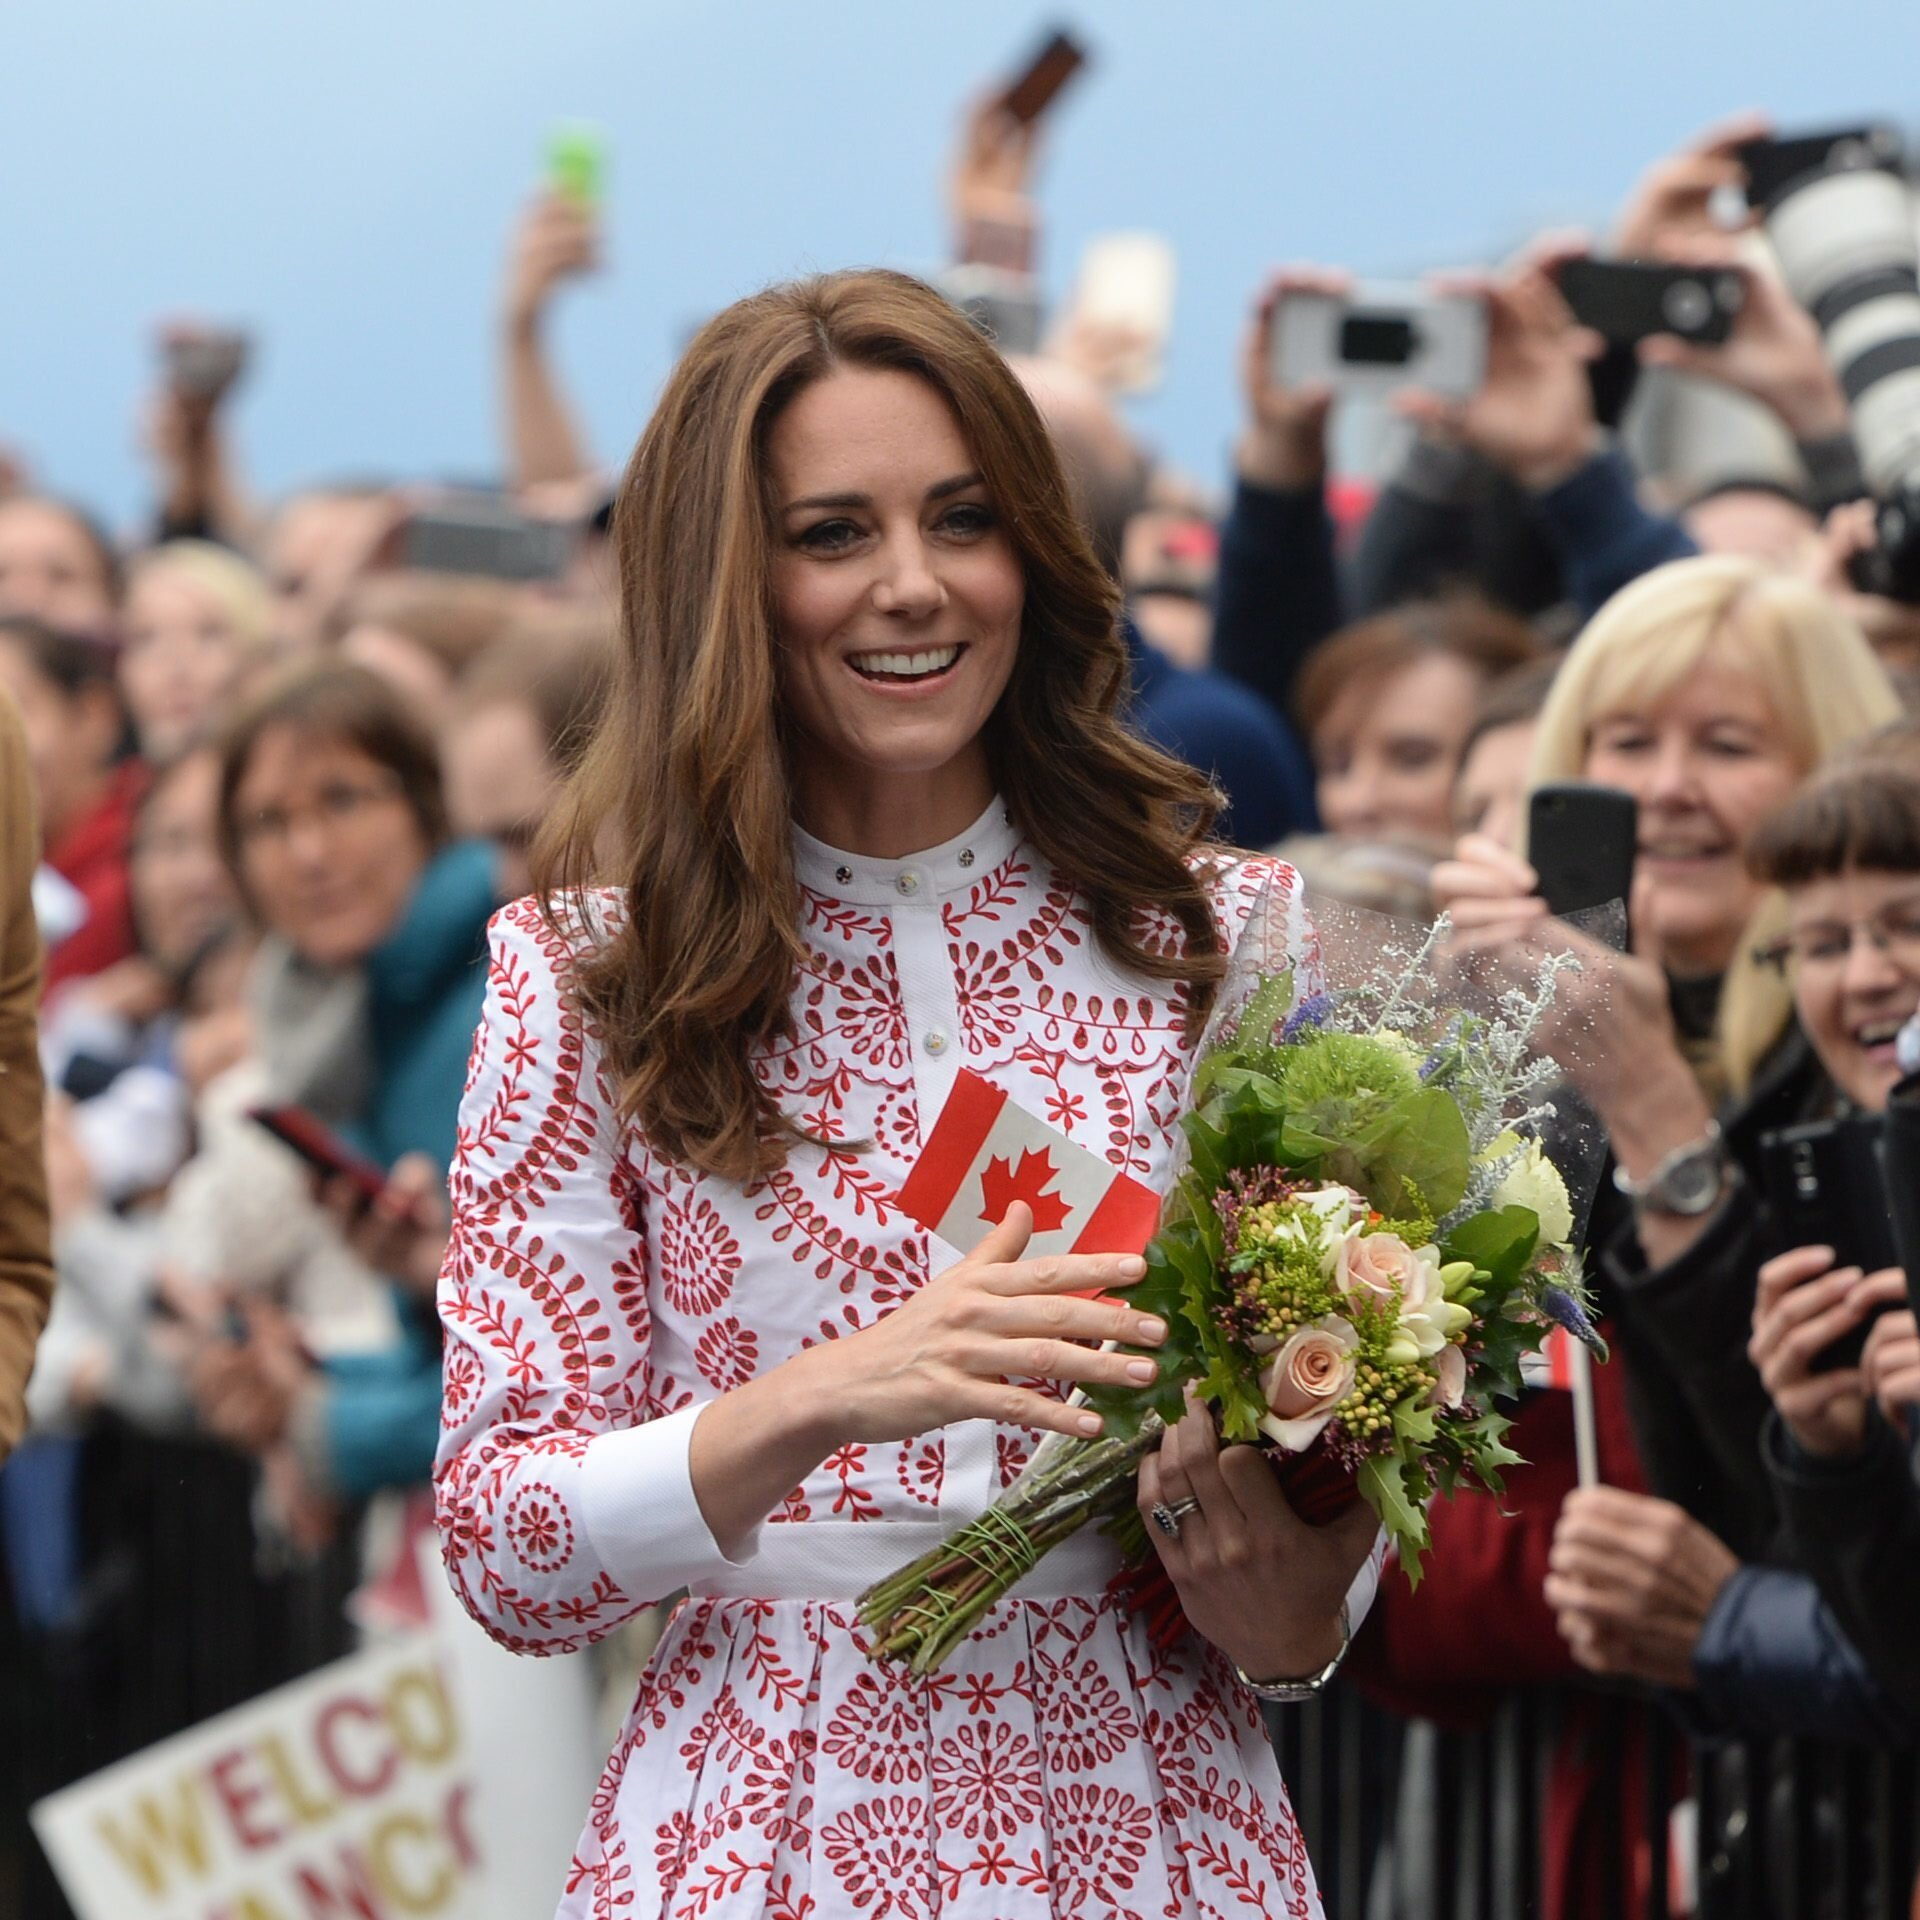 Fans warten oft stundenlang, um Royals wie Herzogin Kate aus der Nähe zu sehen. Doch warum sind sie so fasziniert von den Blaublütern?  © picture alliance / AP Photo